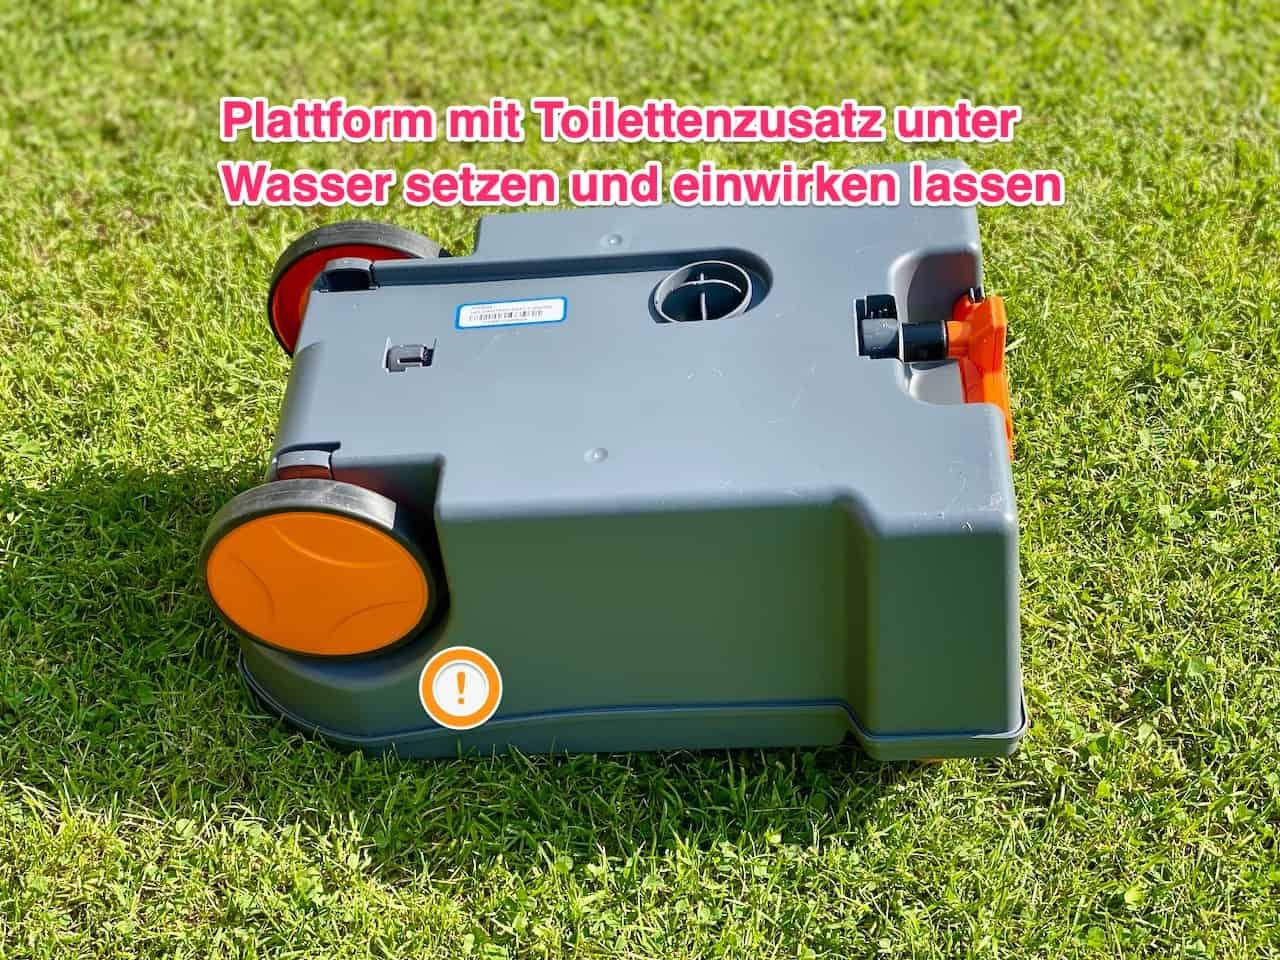 Thetford-Toilettenkassette-C250-stinkt-und-riecht-Lösung-mit-Toilettenzusatz-und-umdrehen